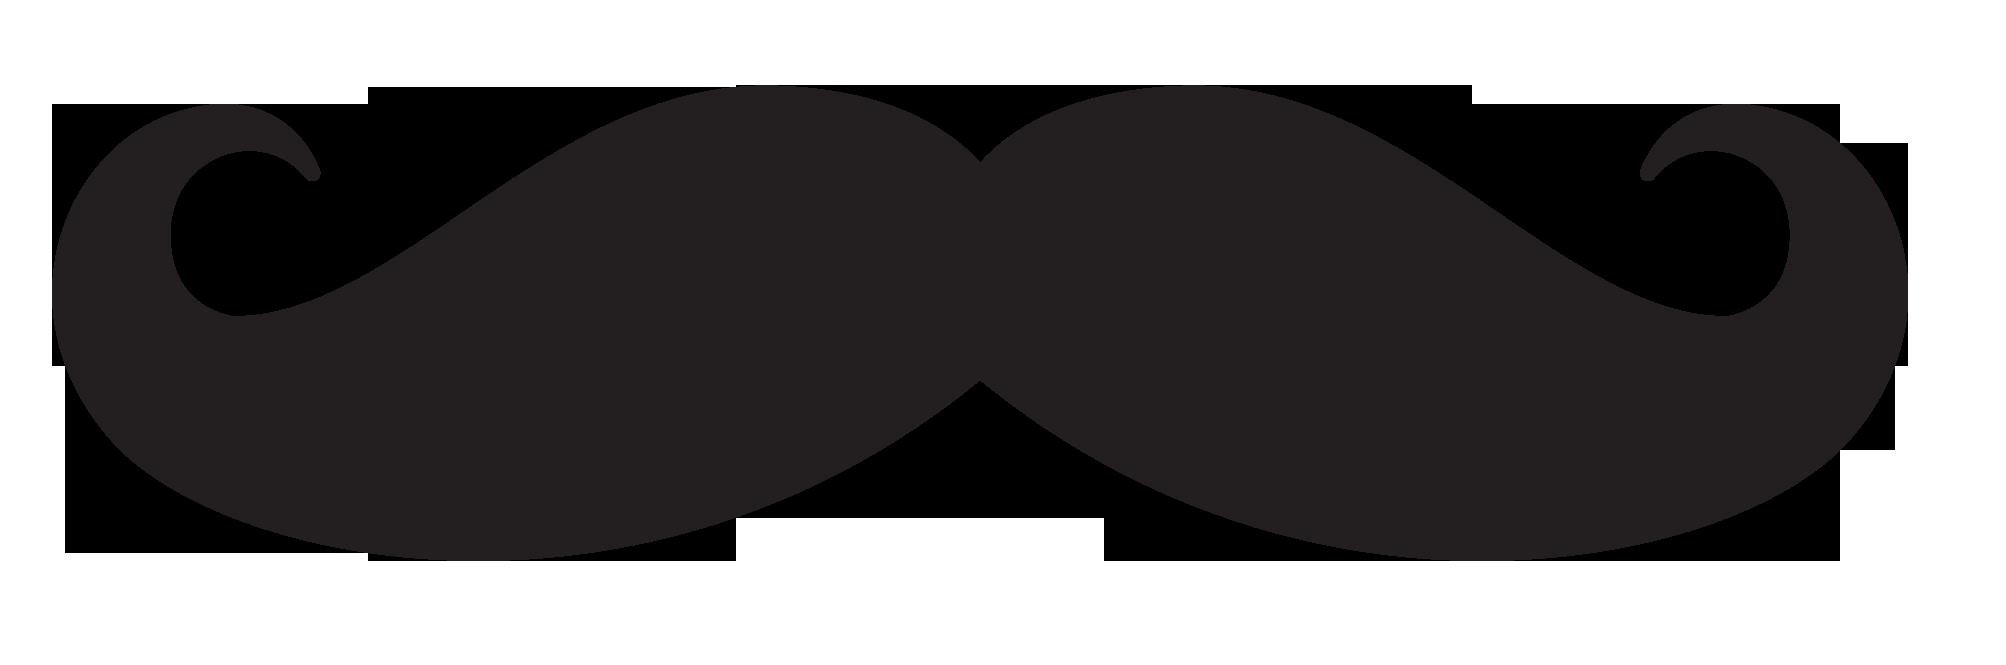 mustache+ties_05